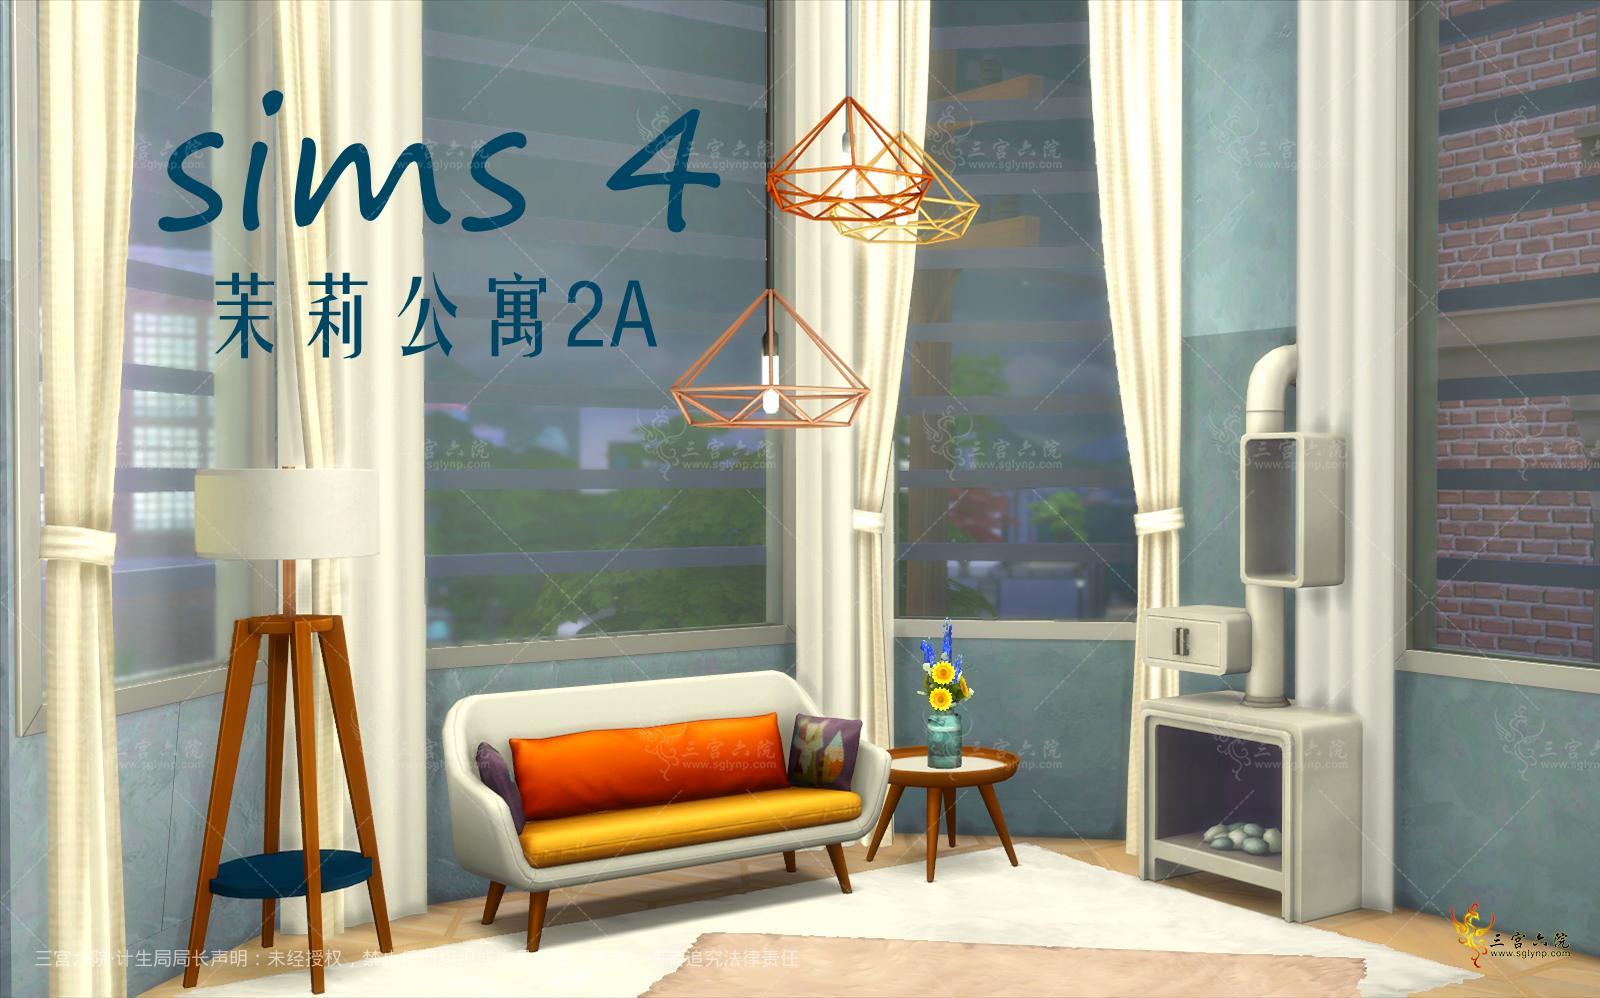 Sims 4 Screenshot 2021.08.23 - 10.08.04.69_副本.png